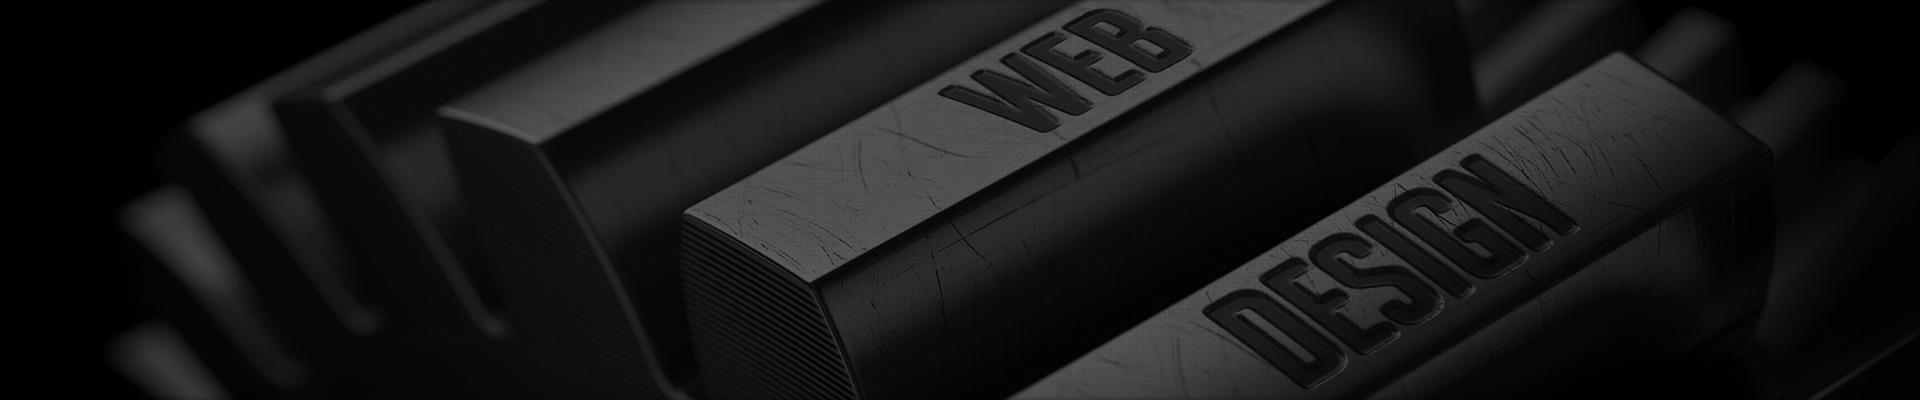 web_design_banner_BG